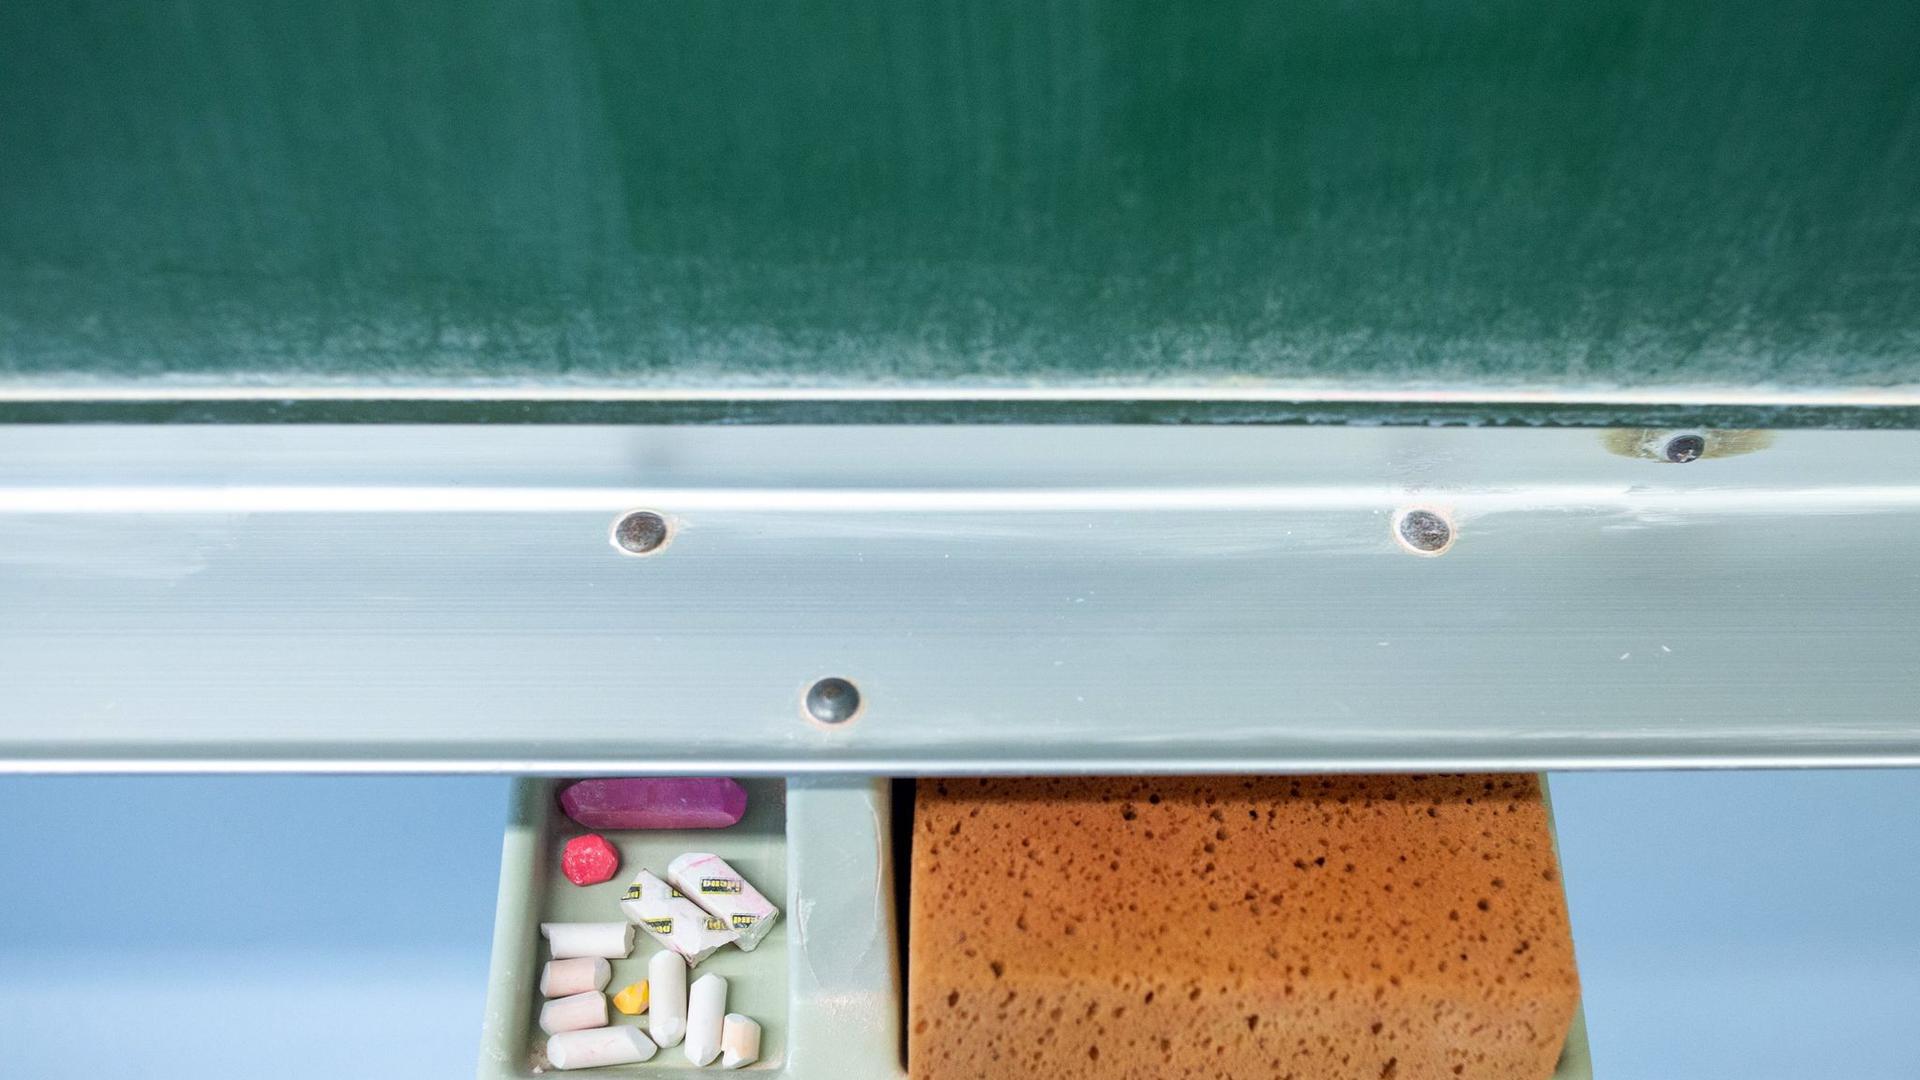 Schwamm und Kreide liegen in einem Klassenraum unter einer Tafel.